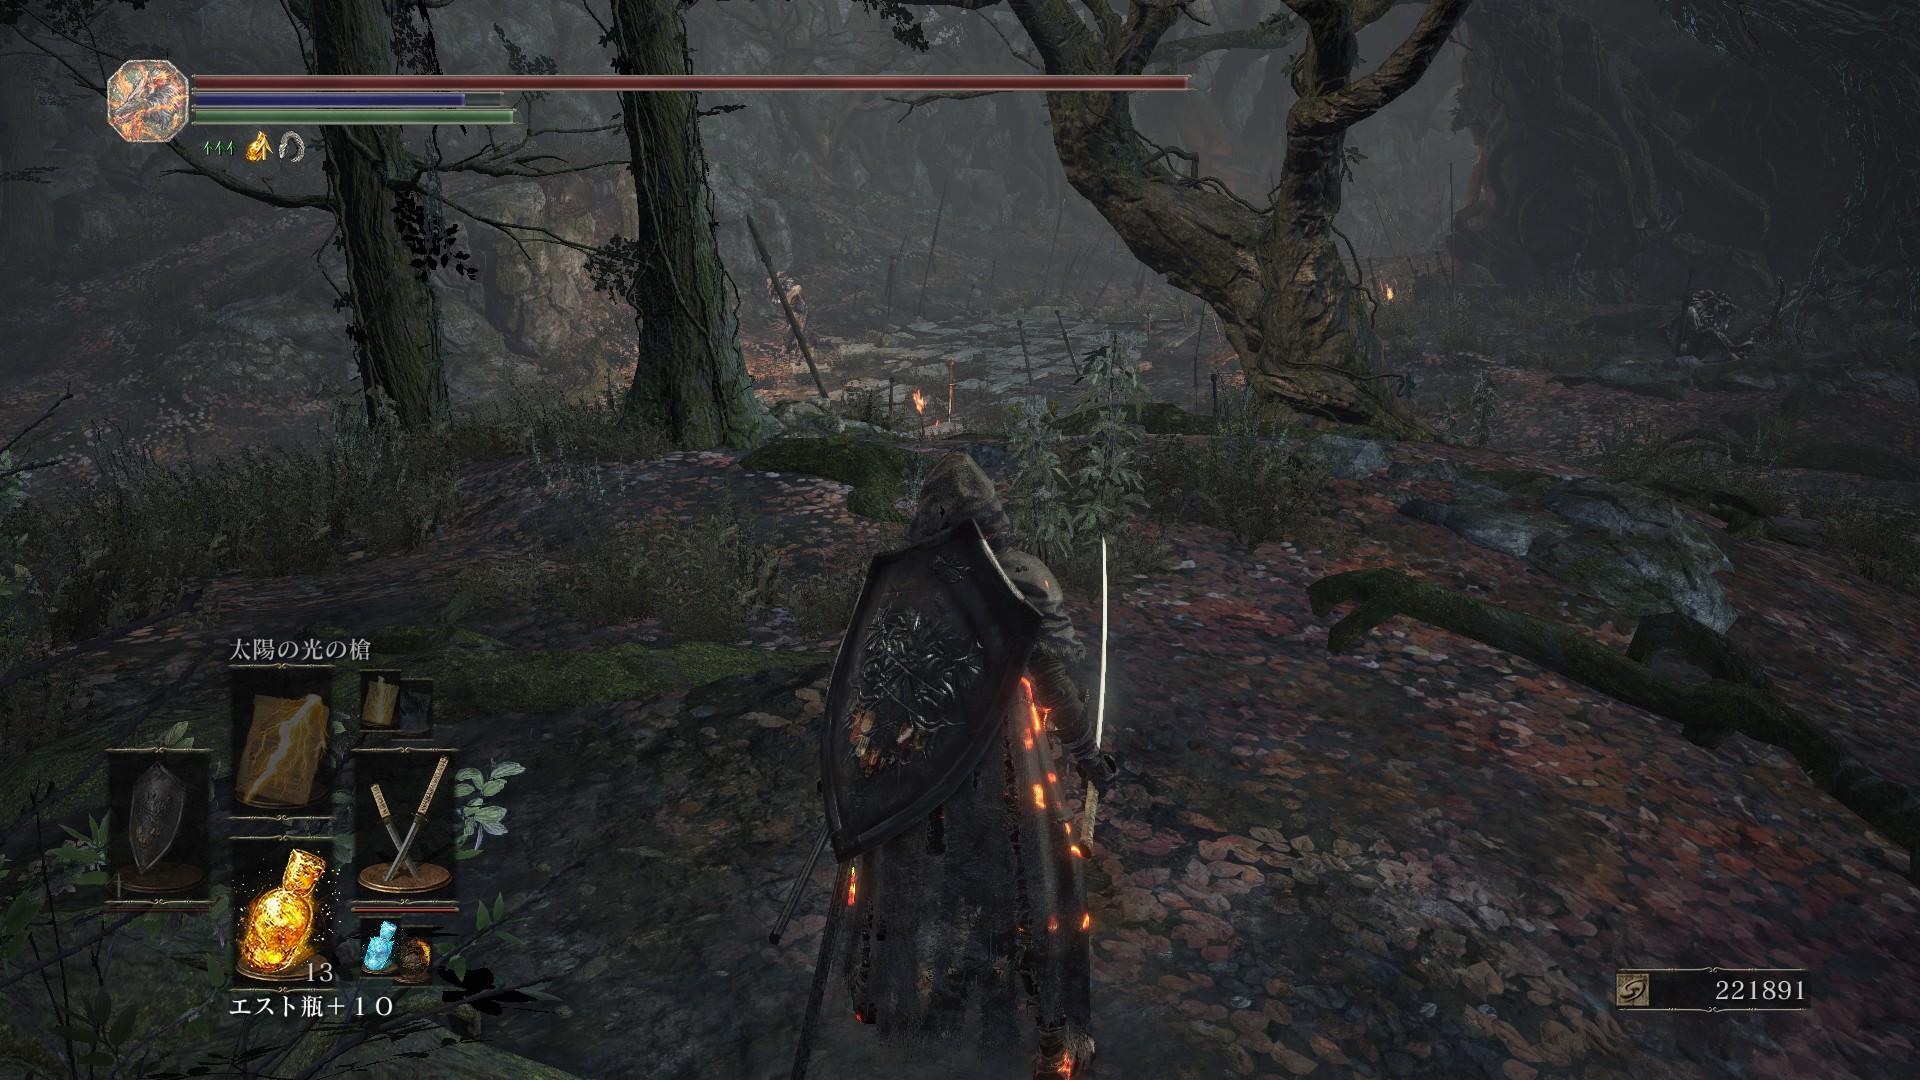 [ゲーム]闇の魂さん4